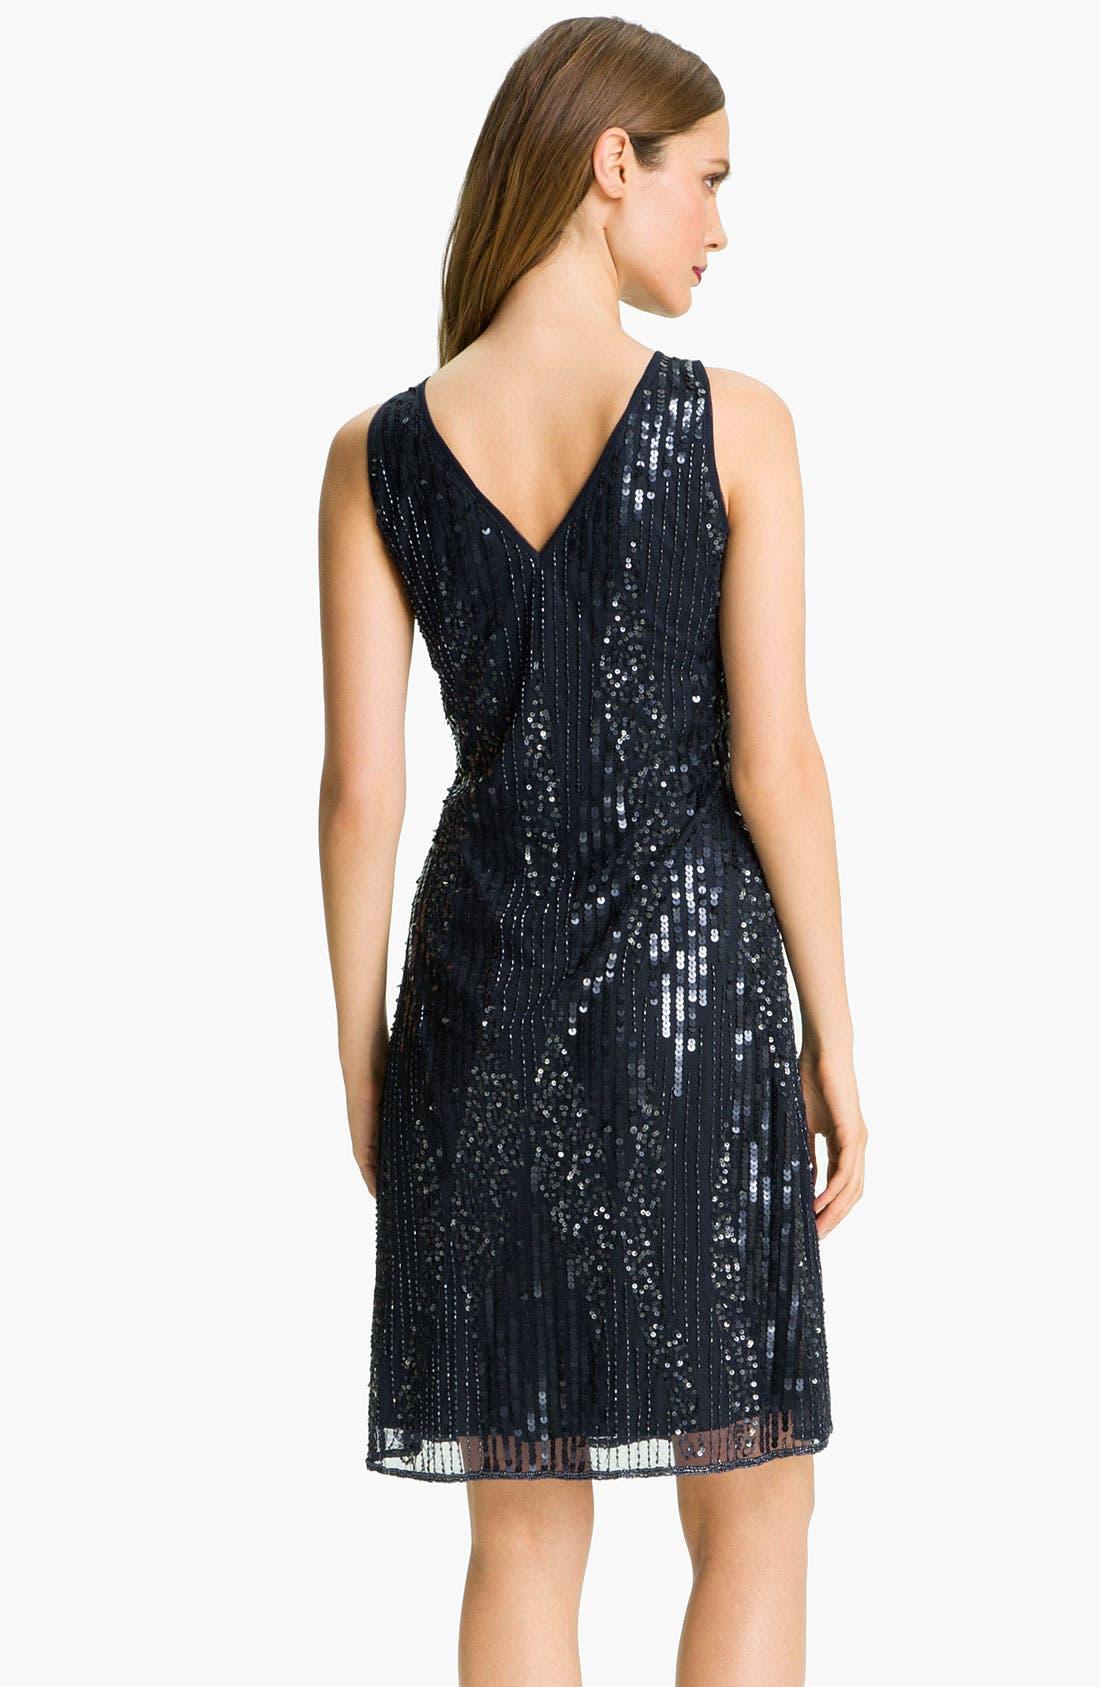 Alternate Image 3  - Patra Embellished Double V-Neck Mesh Dress & Sheer Bolero